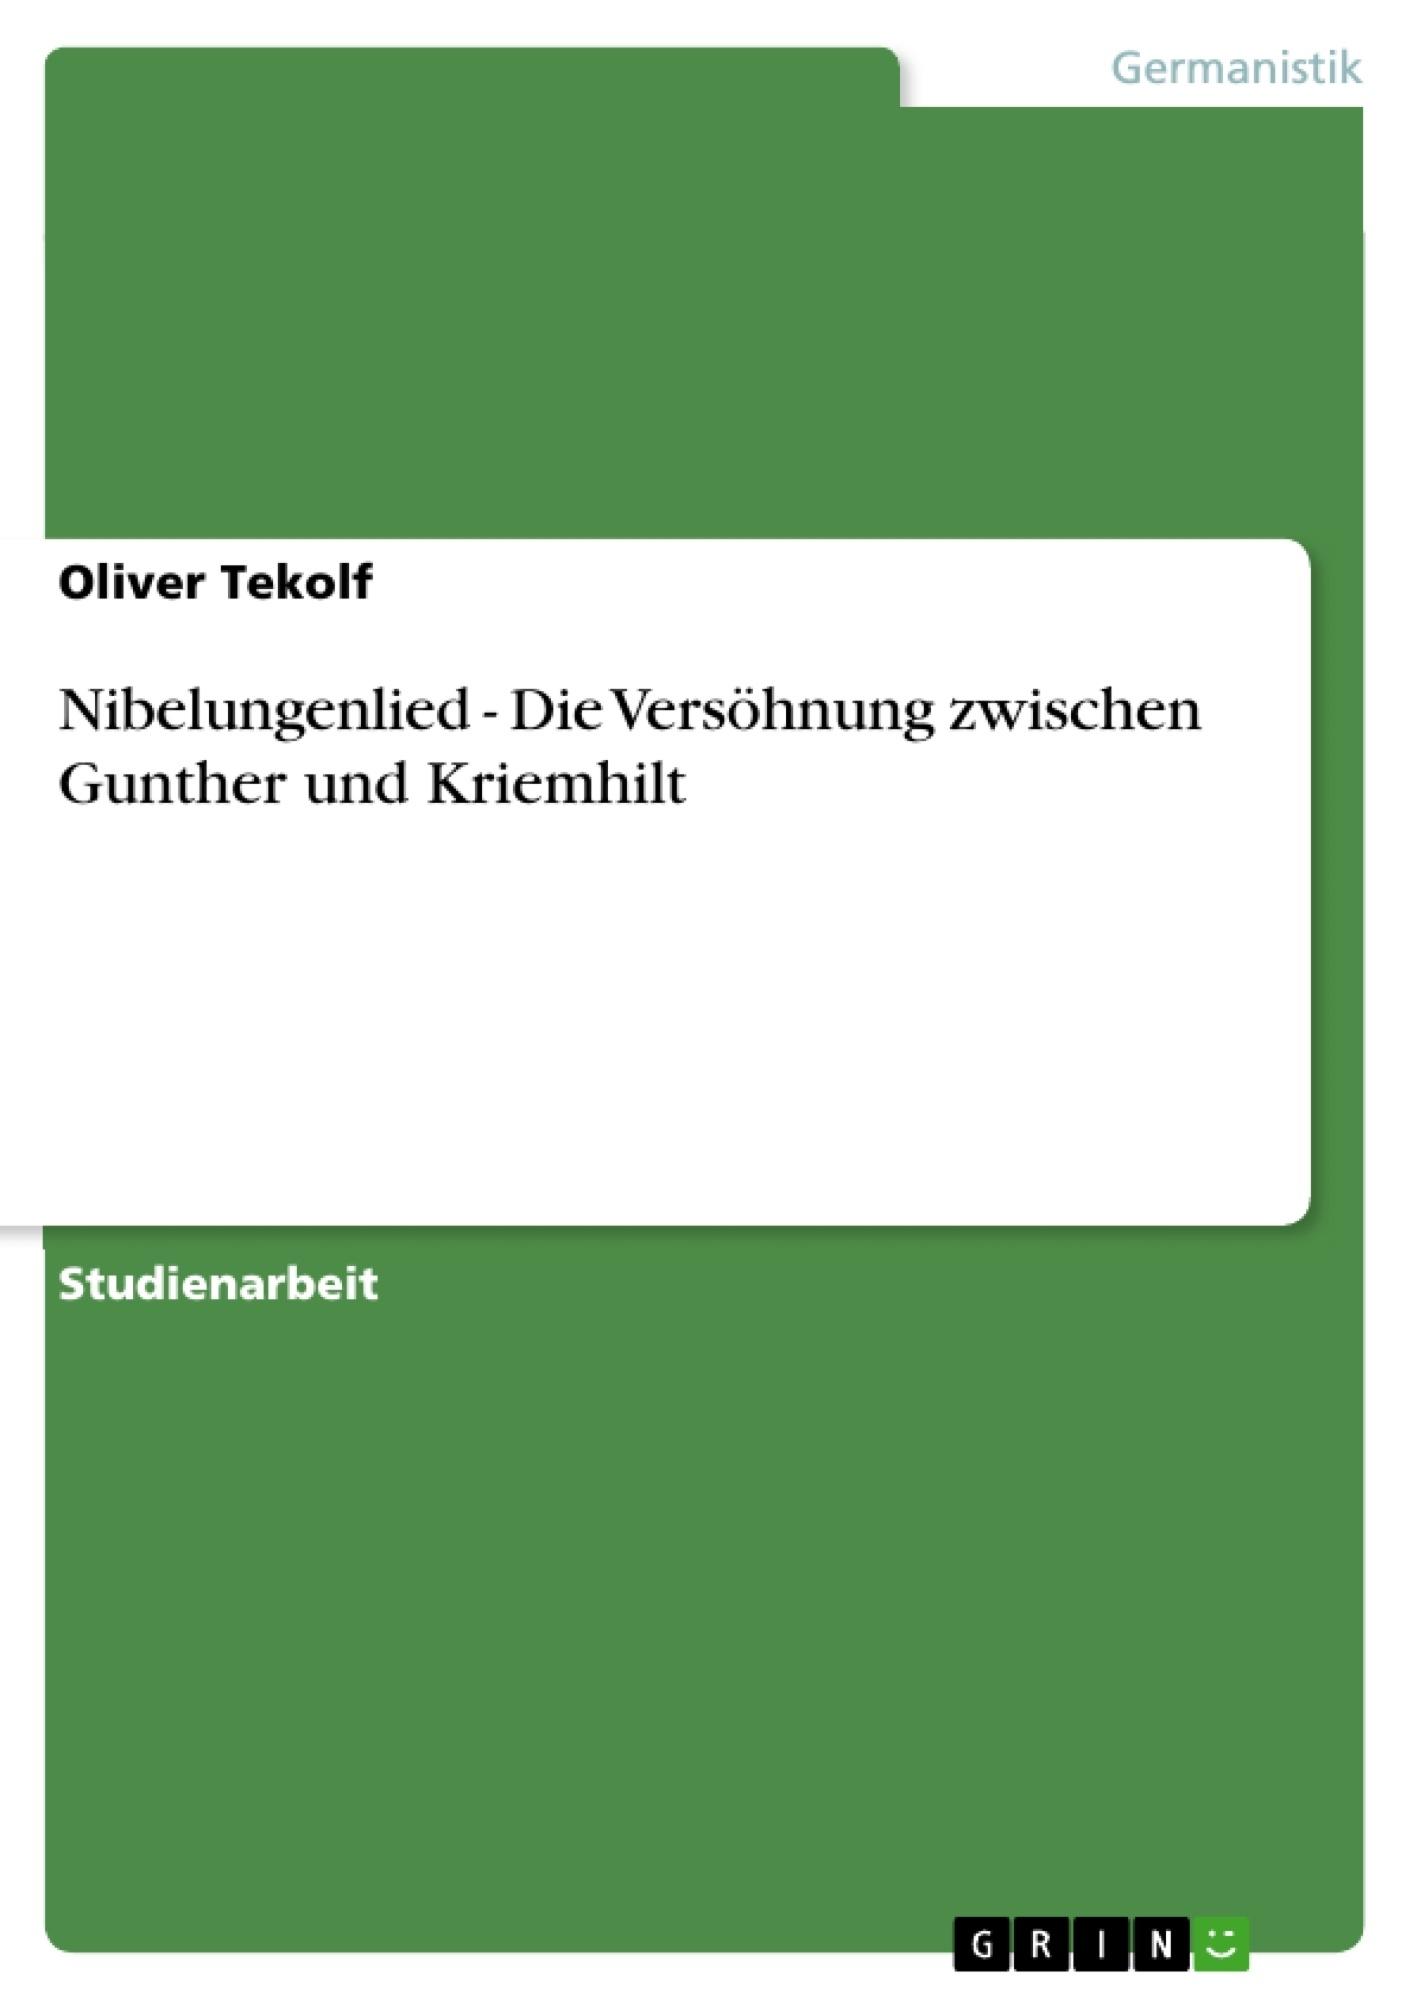 Titel: Nibelungenlied - Die Versöhnung zwischen Gunther und Kriemhilt